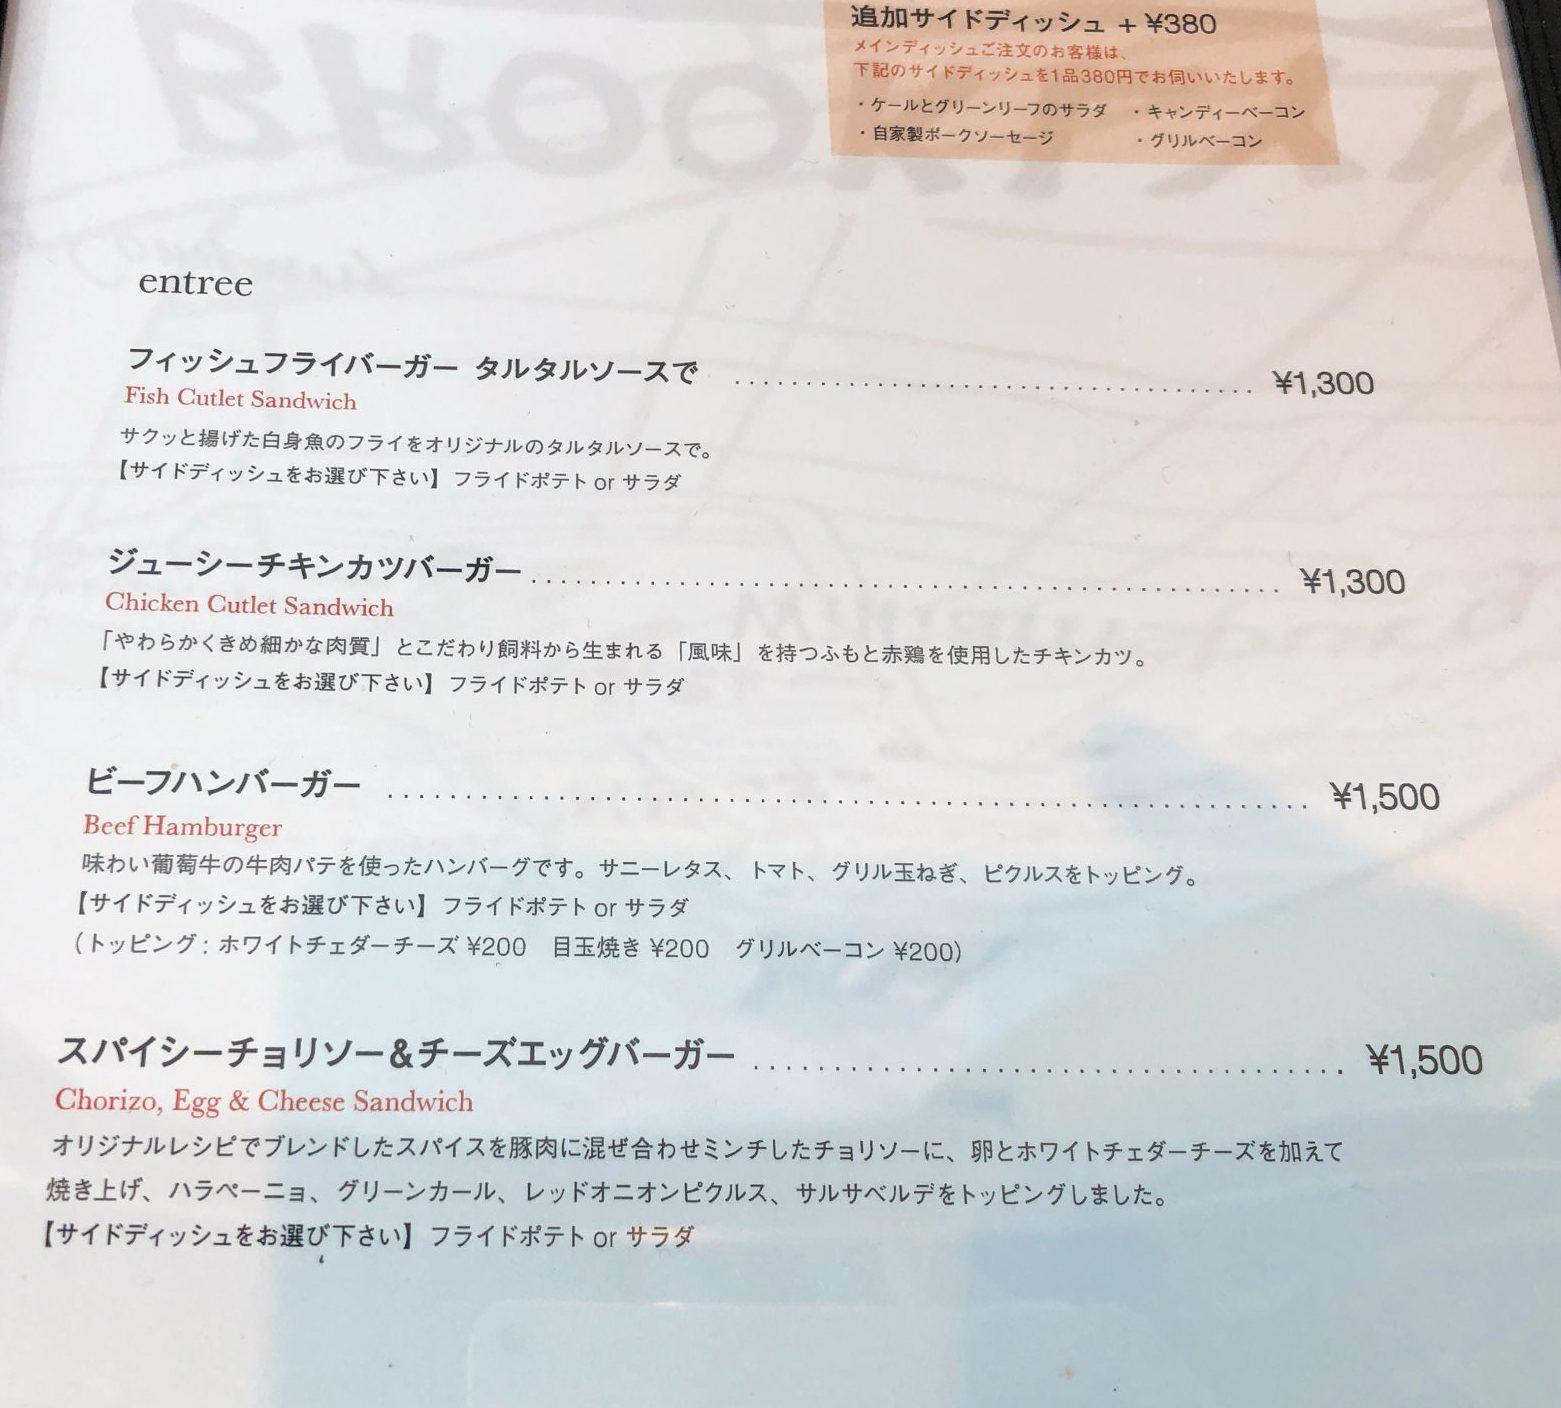 egg東京農大世田谷通り店のハンバーガーメニュー